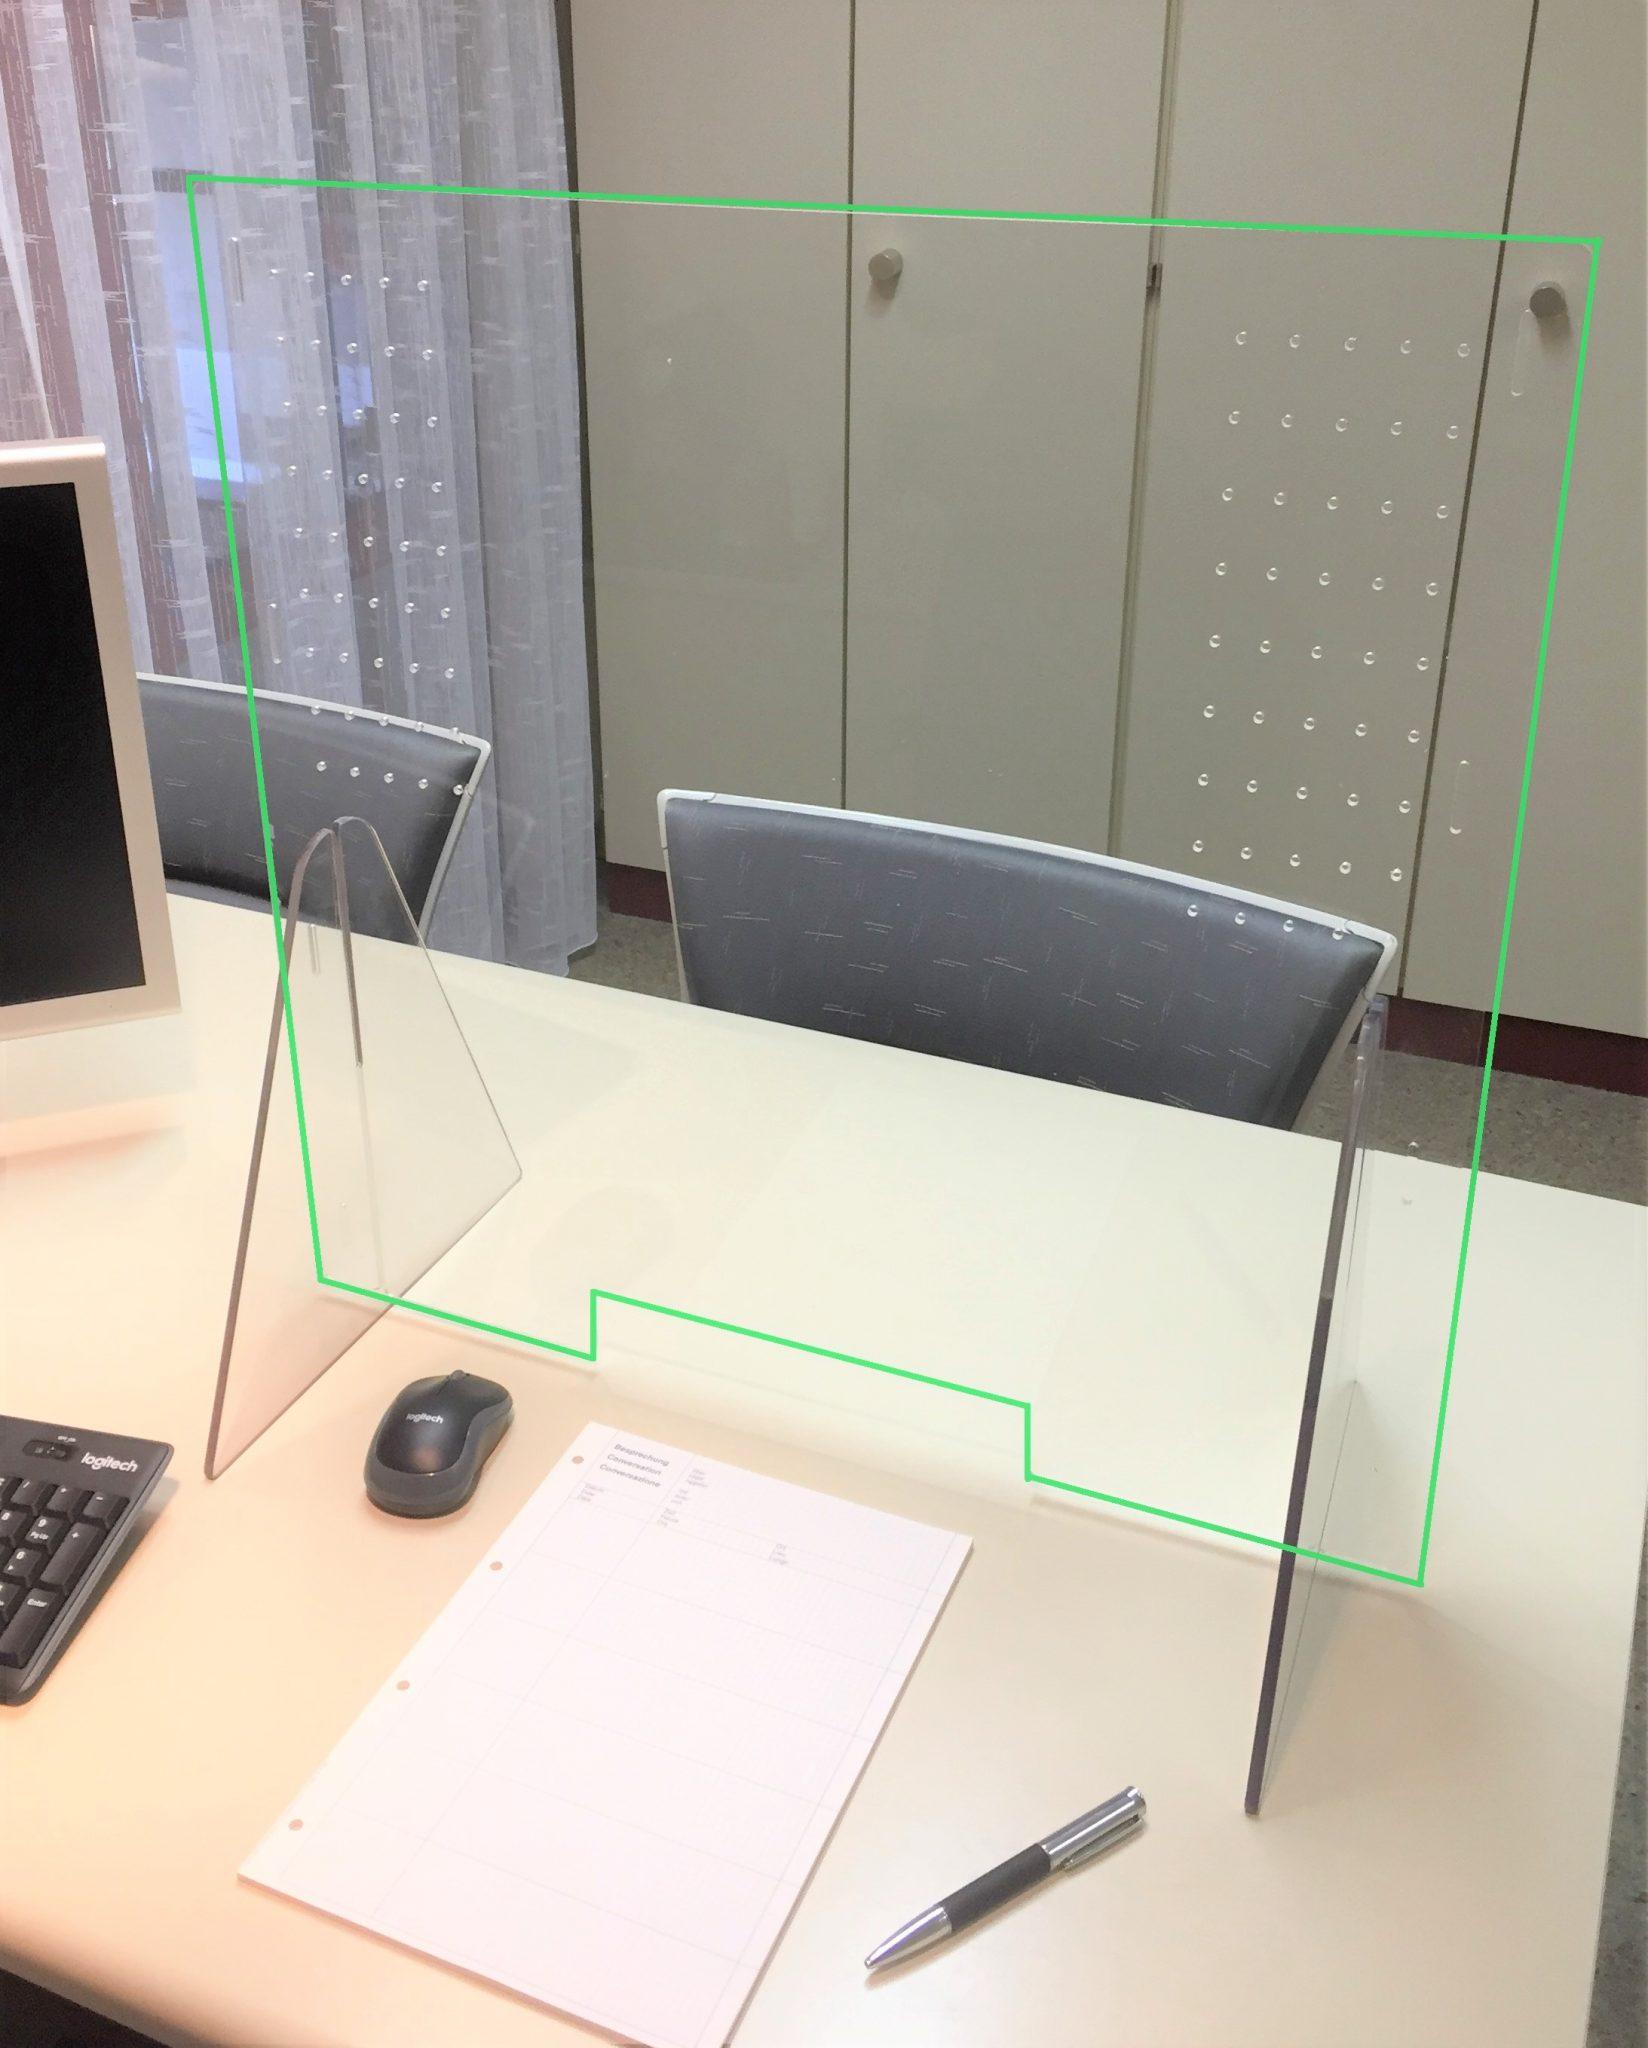 Spuckschutz-Programm MODULUS: 1-Platz-Version (Grund-Set) (grüne Umrandungen = Fotomontage)